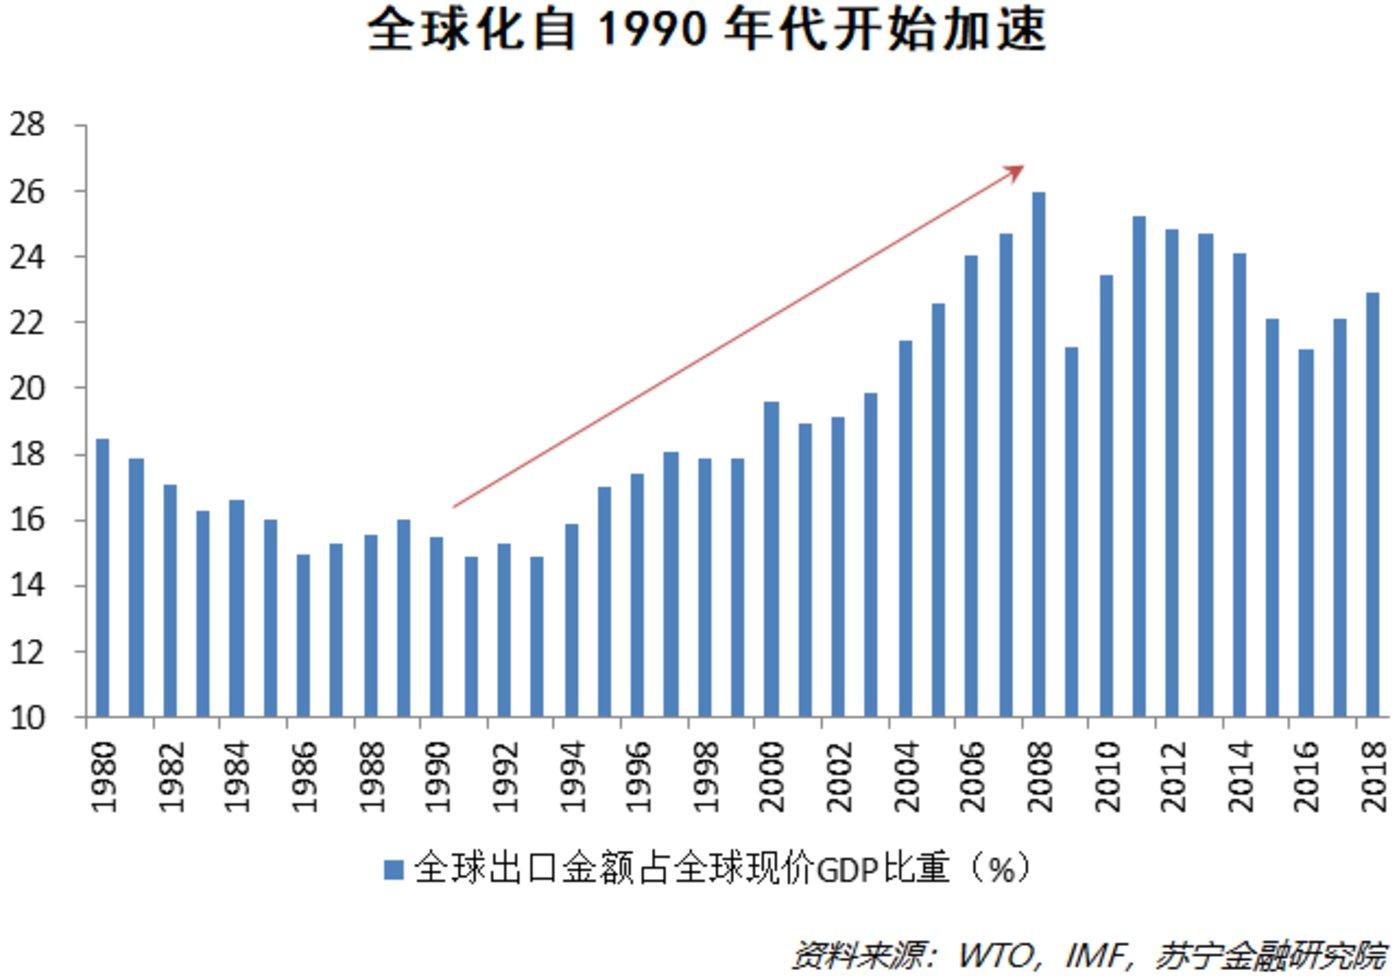 """《【天富品牌】美国宣布取消香港""""特殊待遇"""",中国产业链将受到多大冲击?》"""